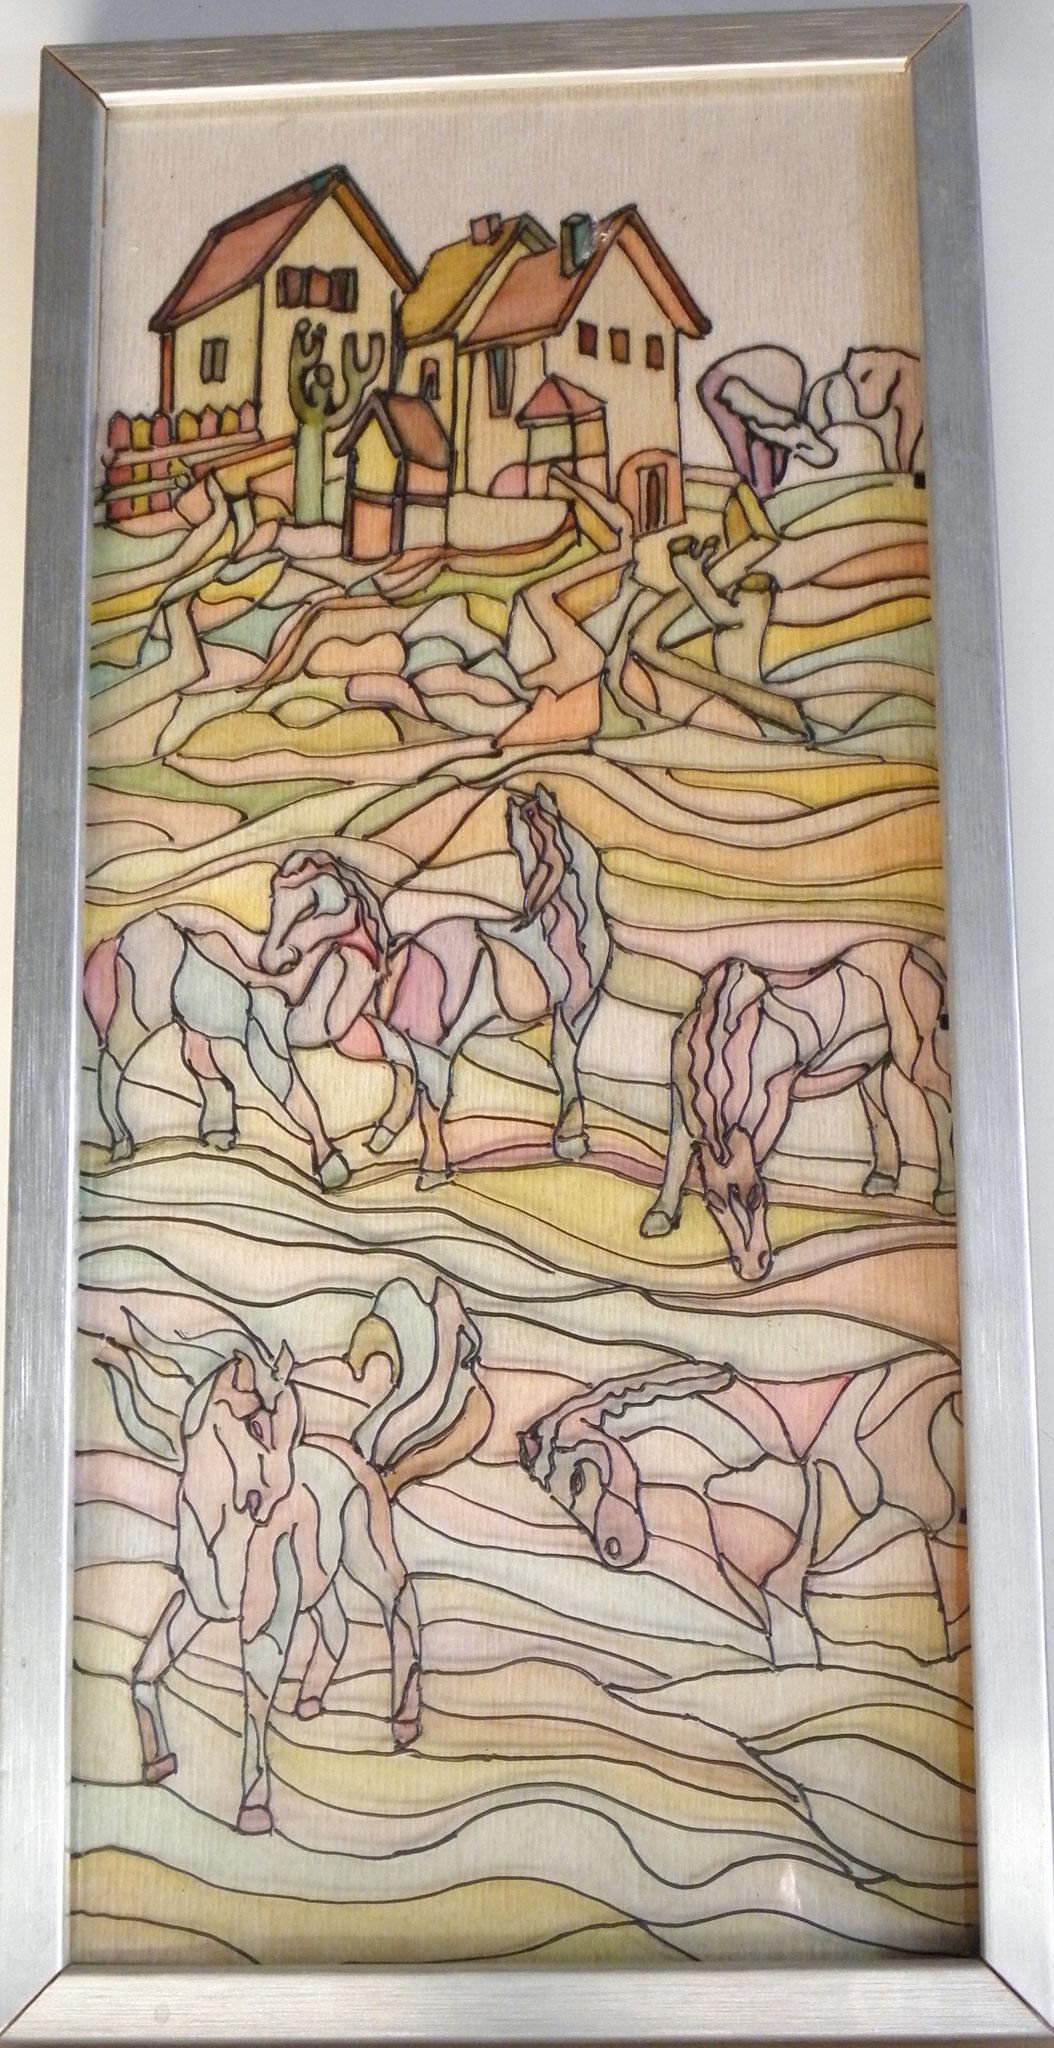 Opera n.11 - Pittura, acrilico su vetro con cornice in legno - cm 44x33